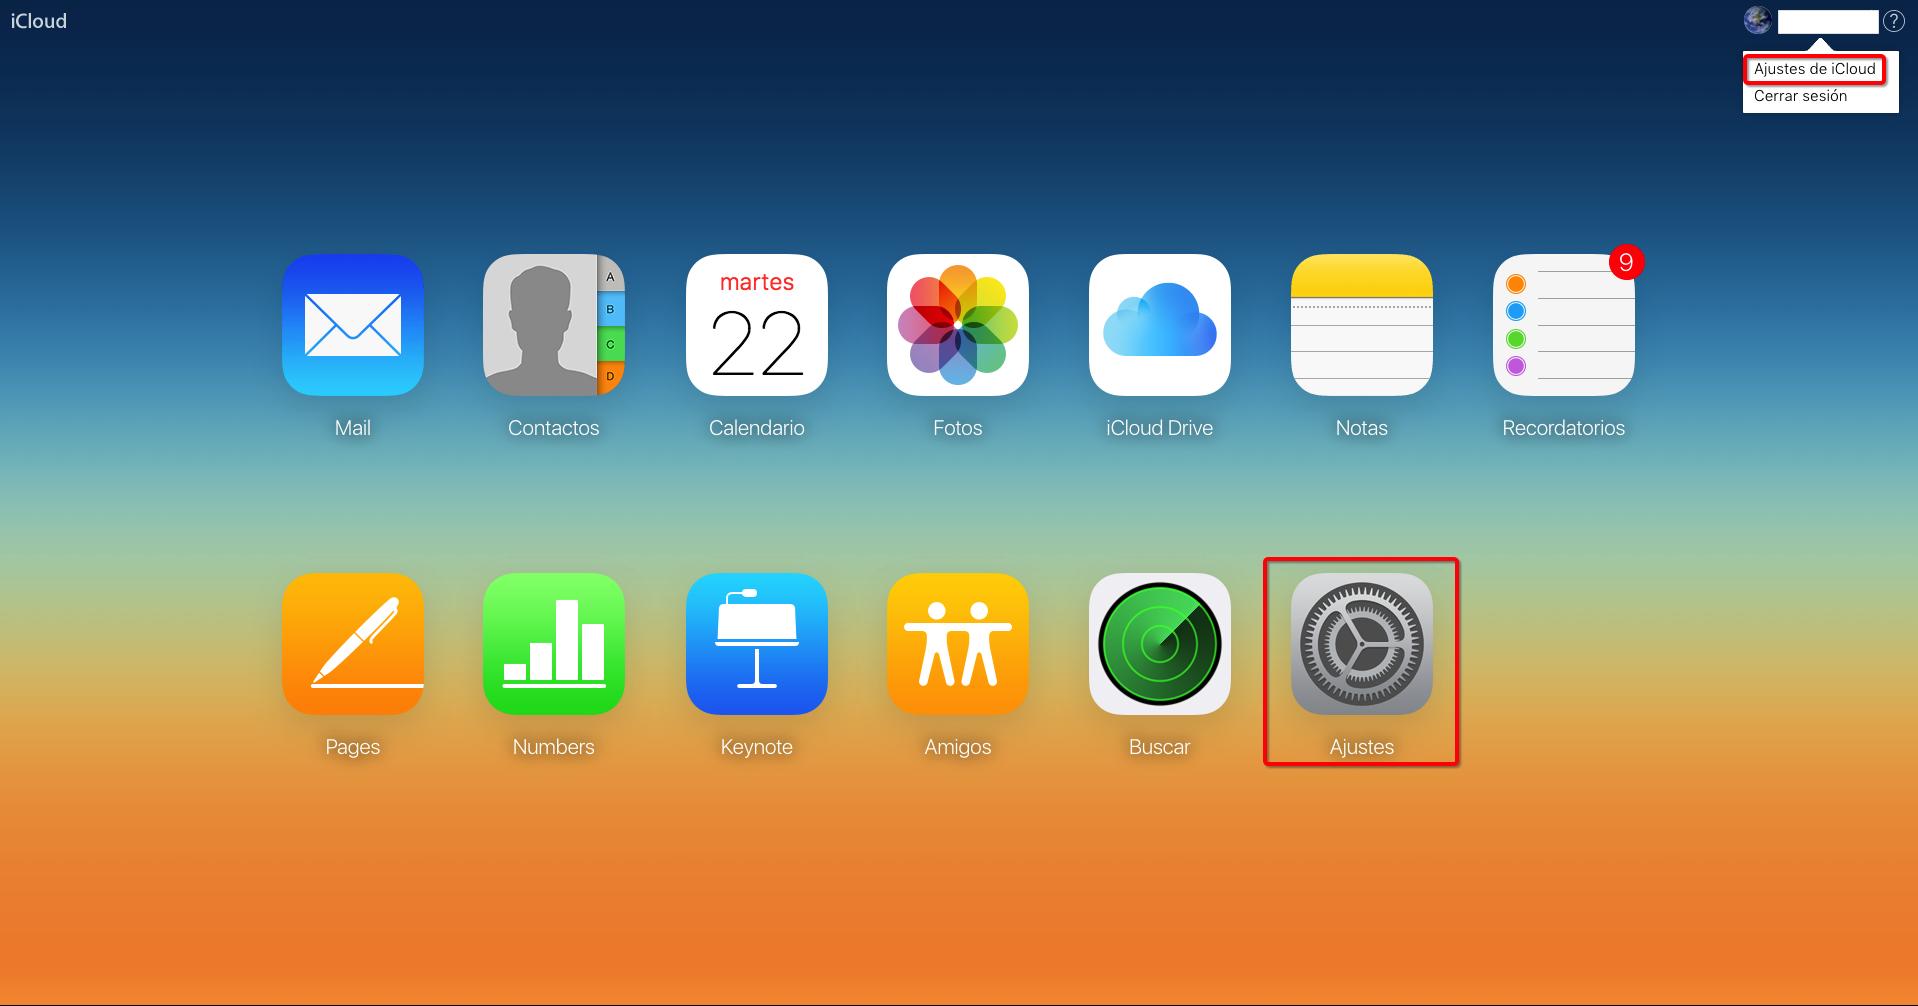 Cómo Desactivar la Verificación en Dos Pasos para ID de Apple – Paso 2